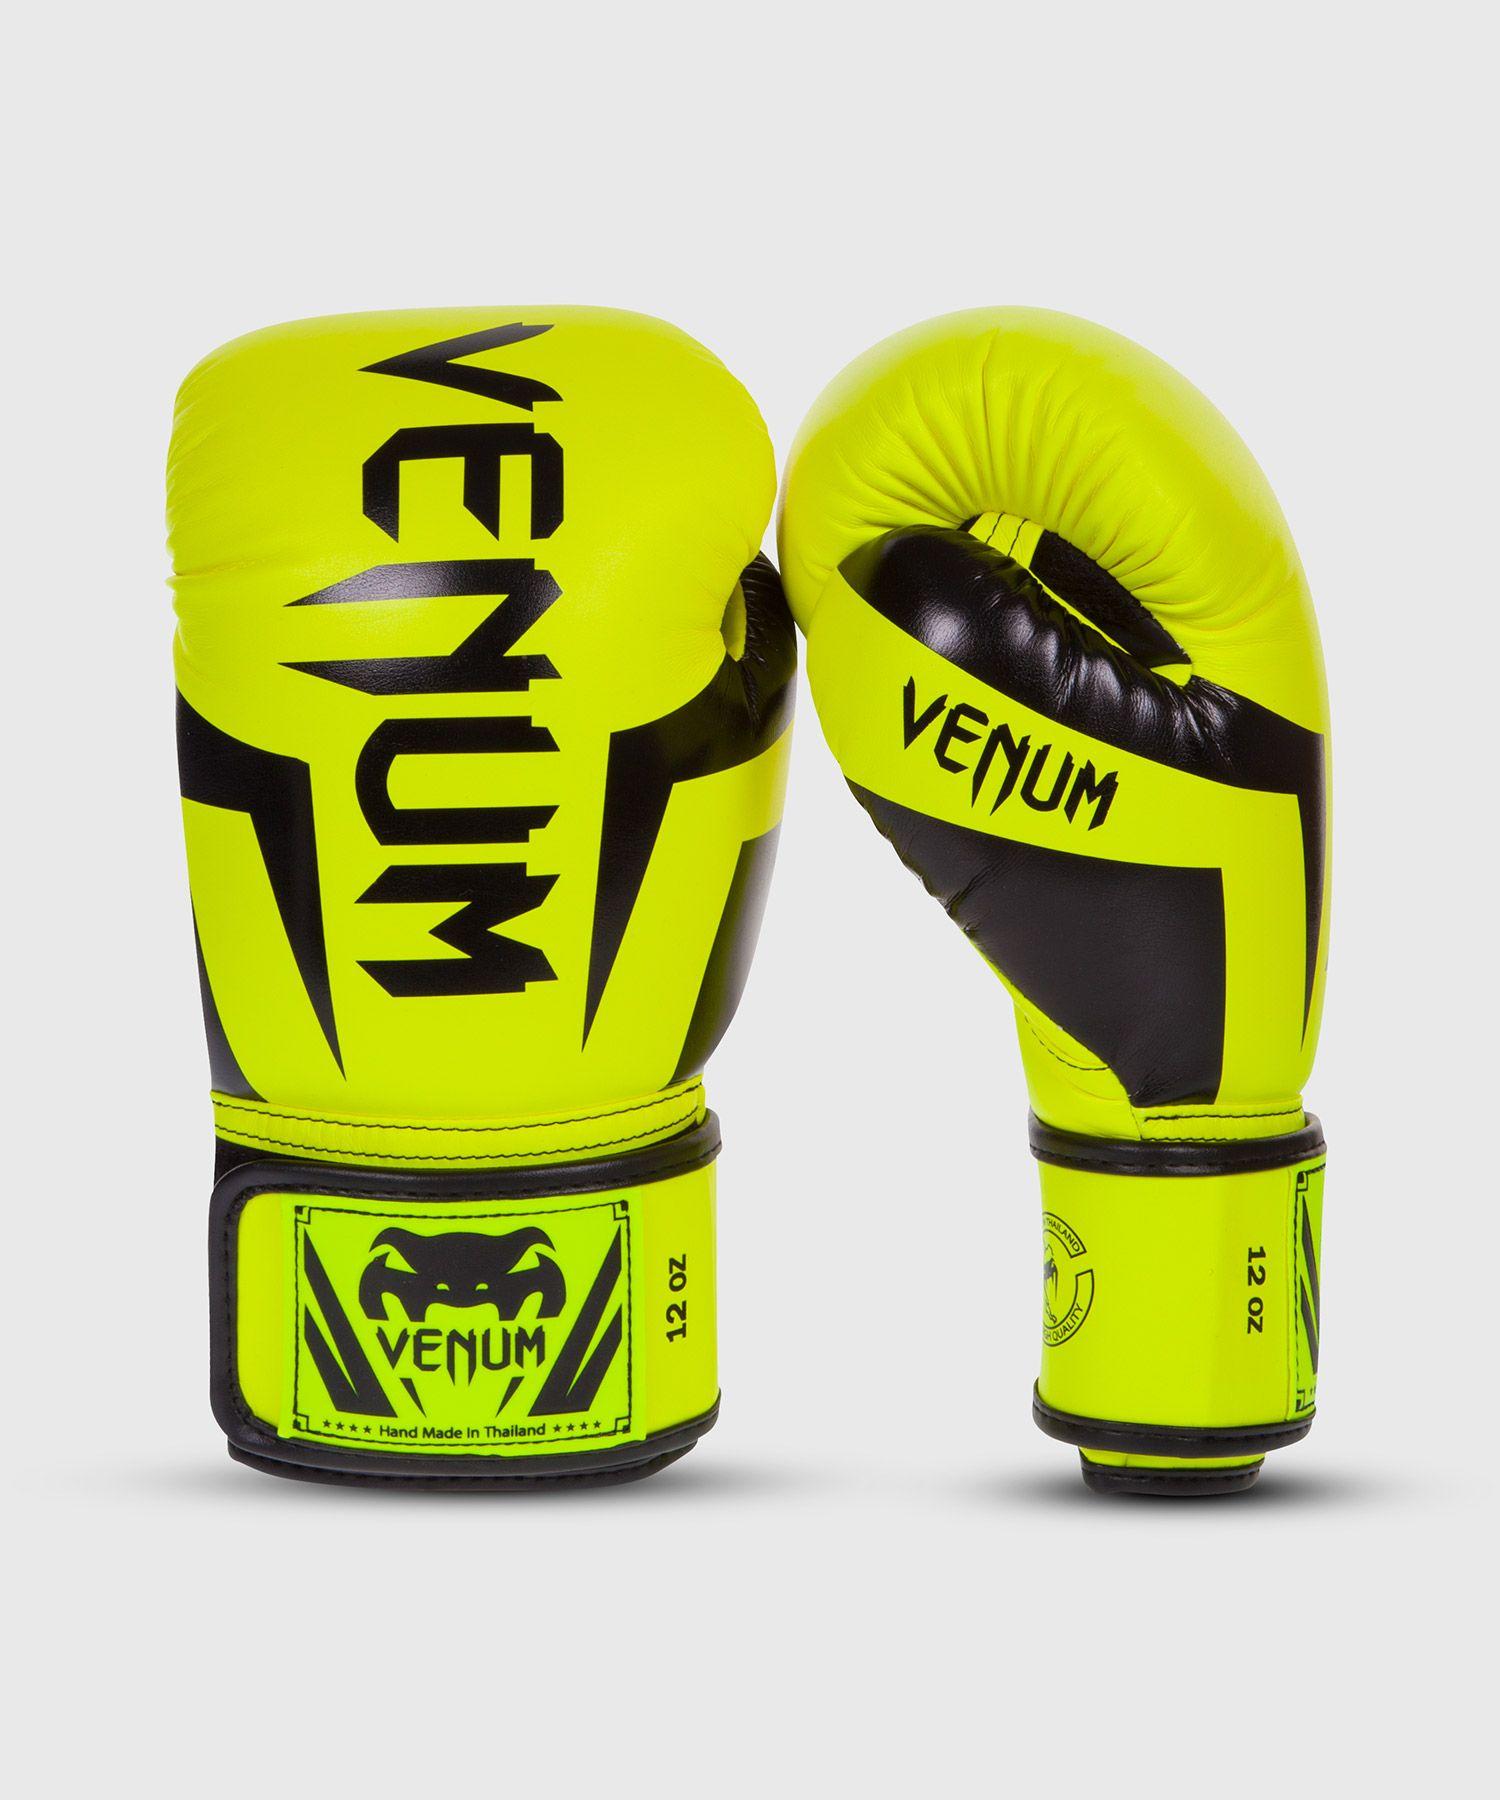 Venum Elite Boxing Gloves - Neo Yellow